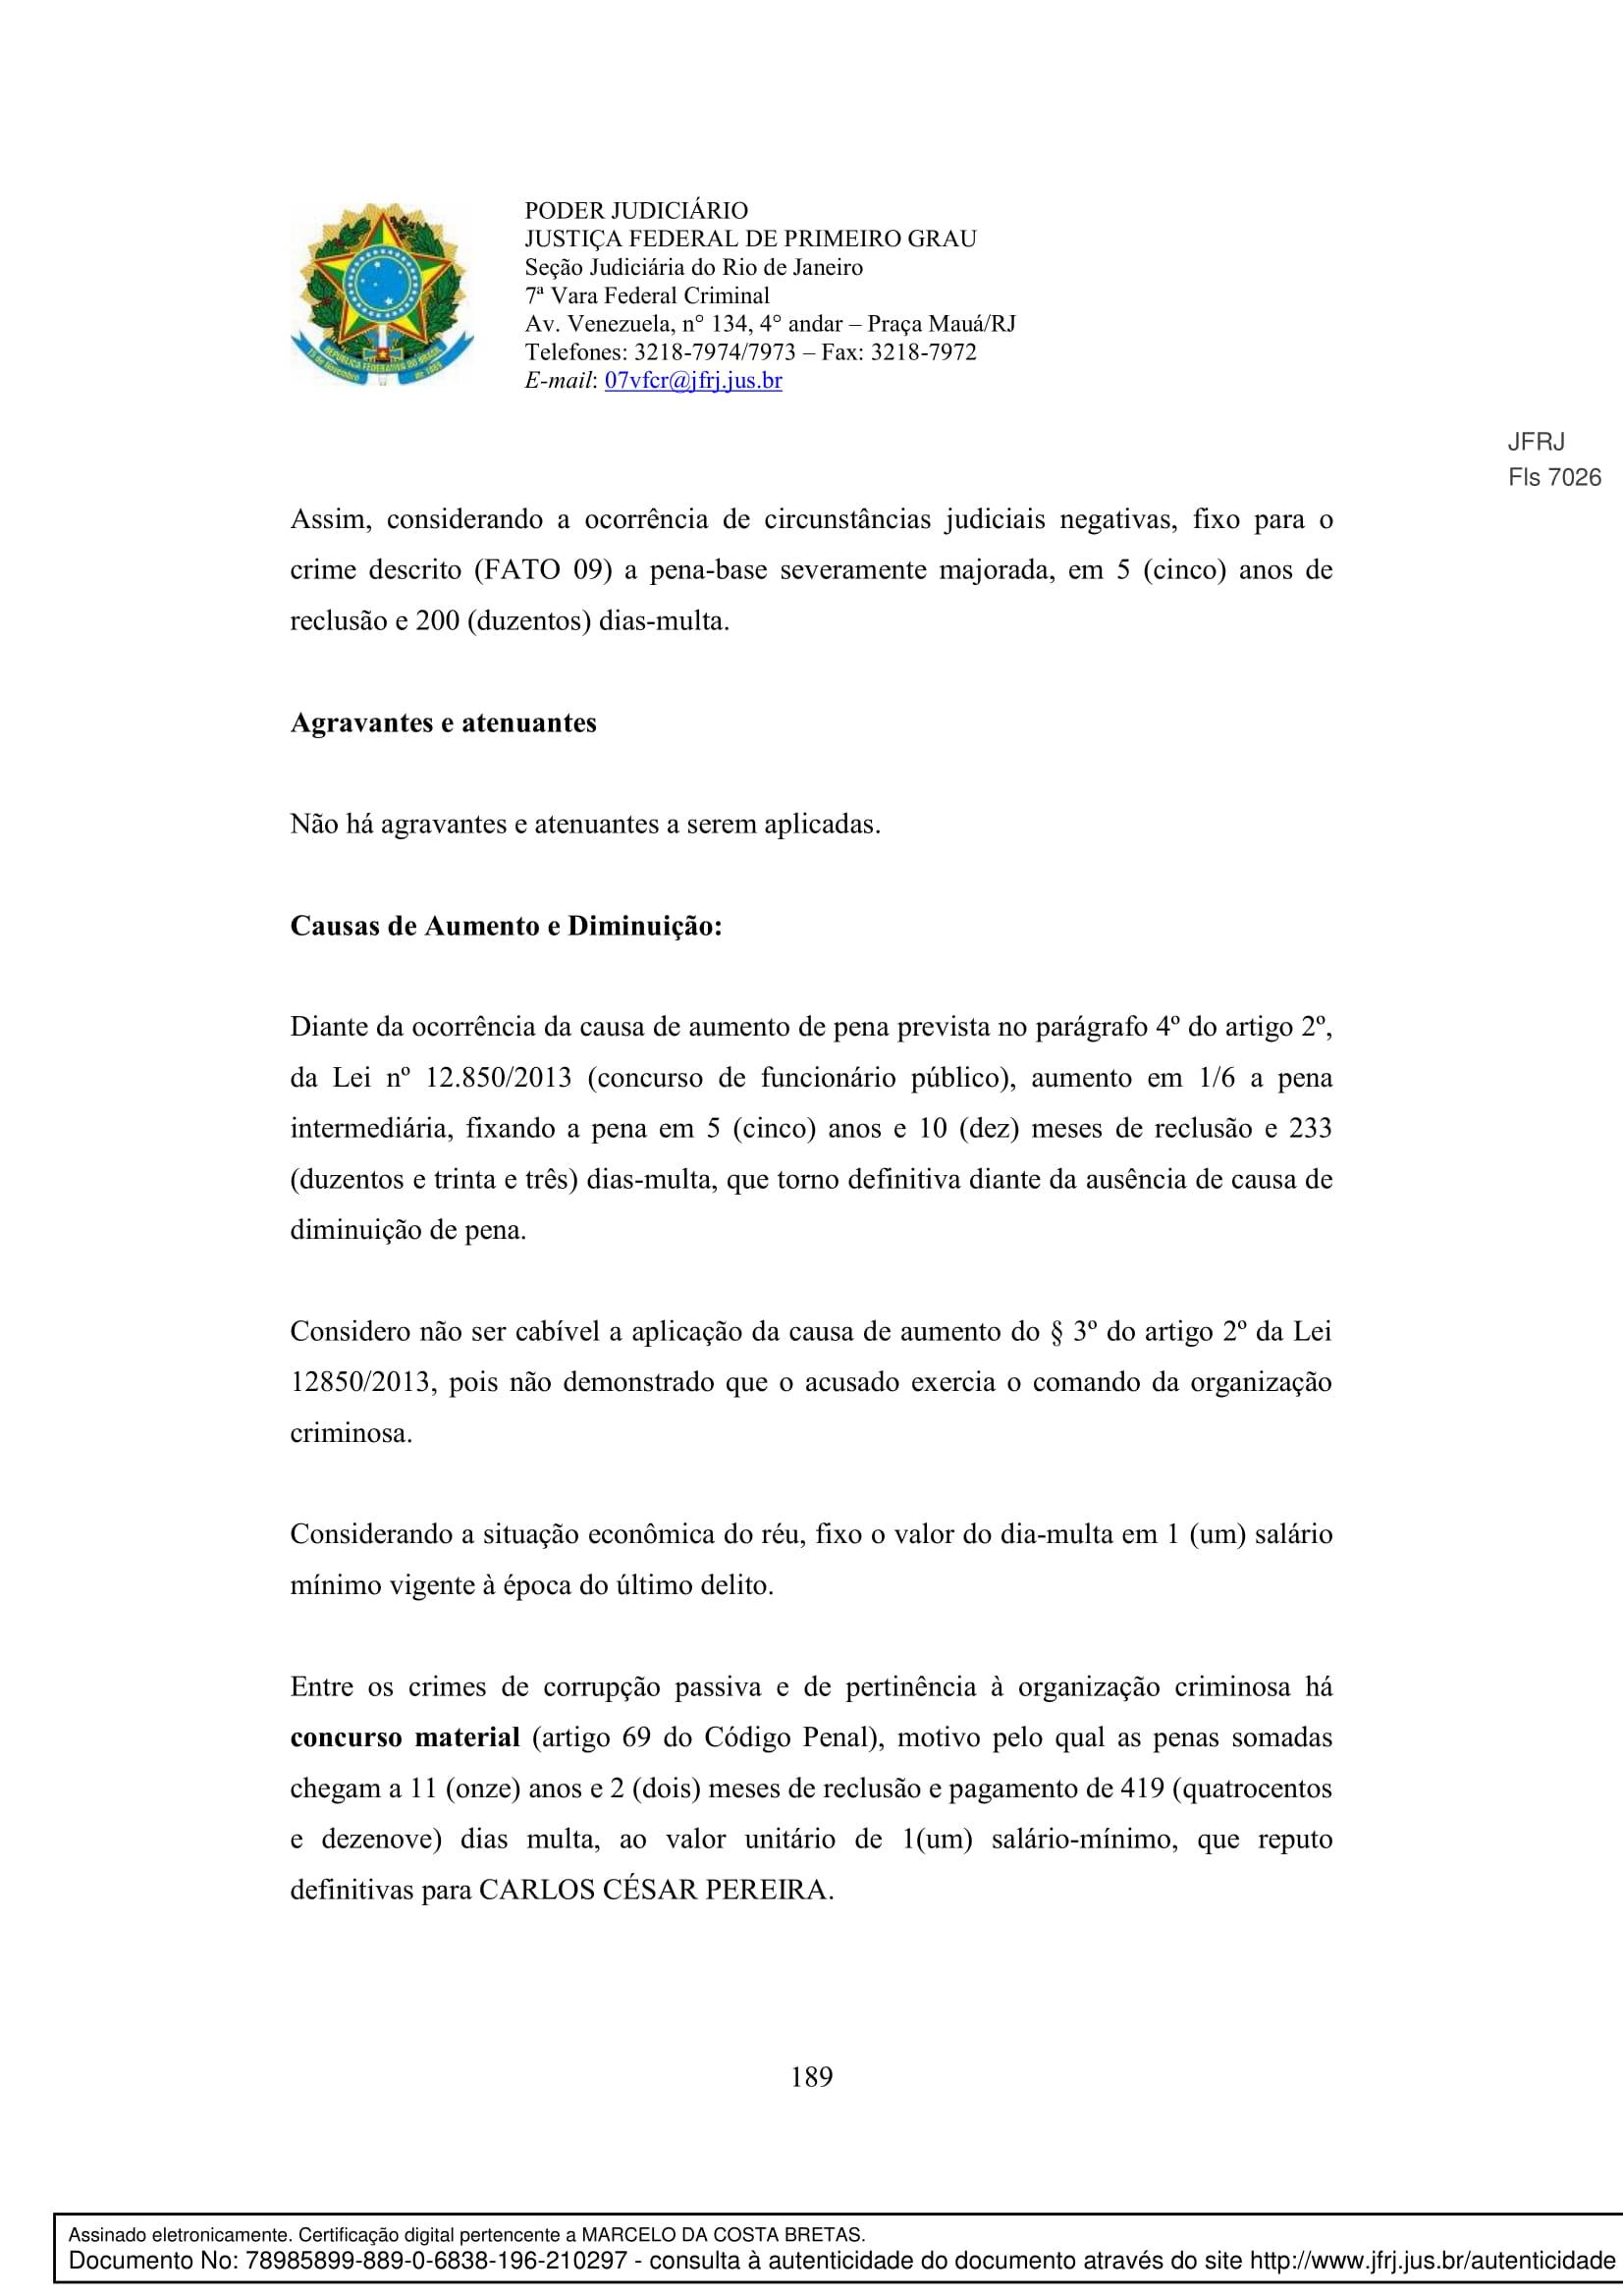 Sentenca-Cadeia-Velha-7VFC-189